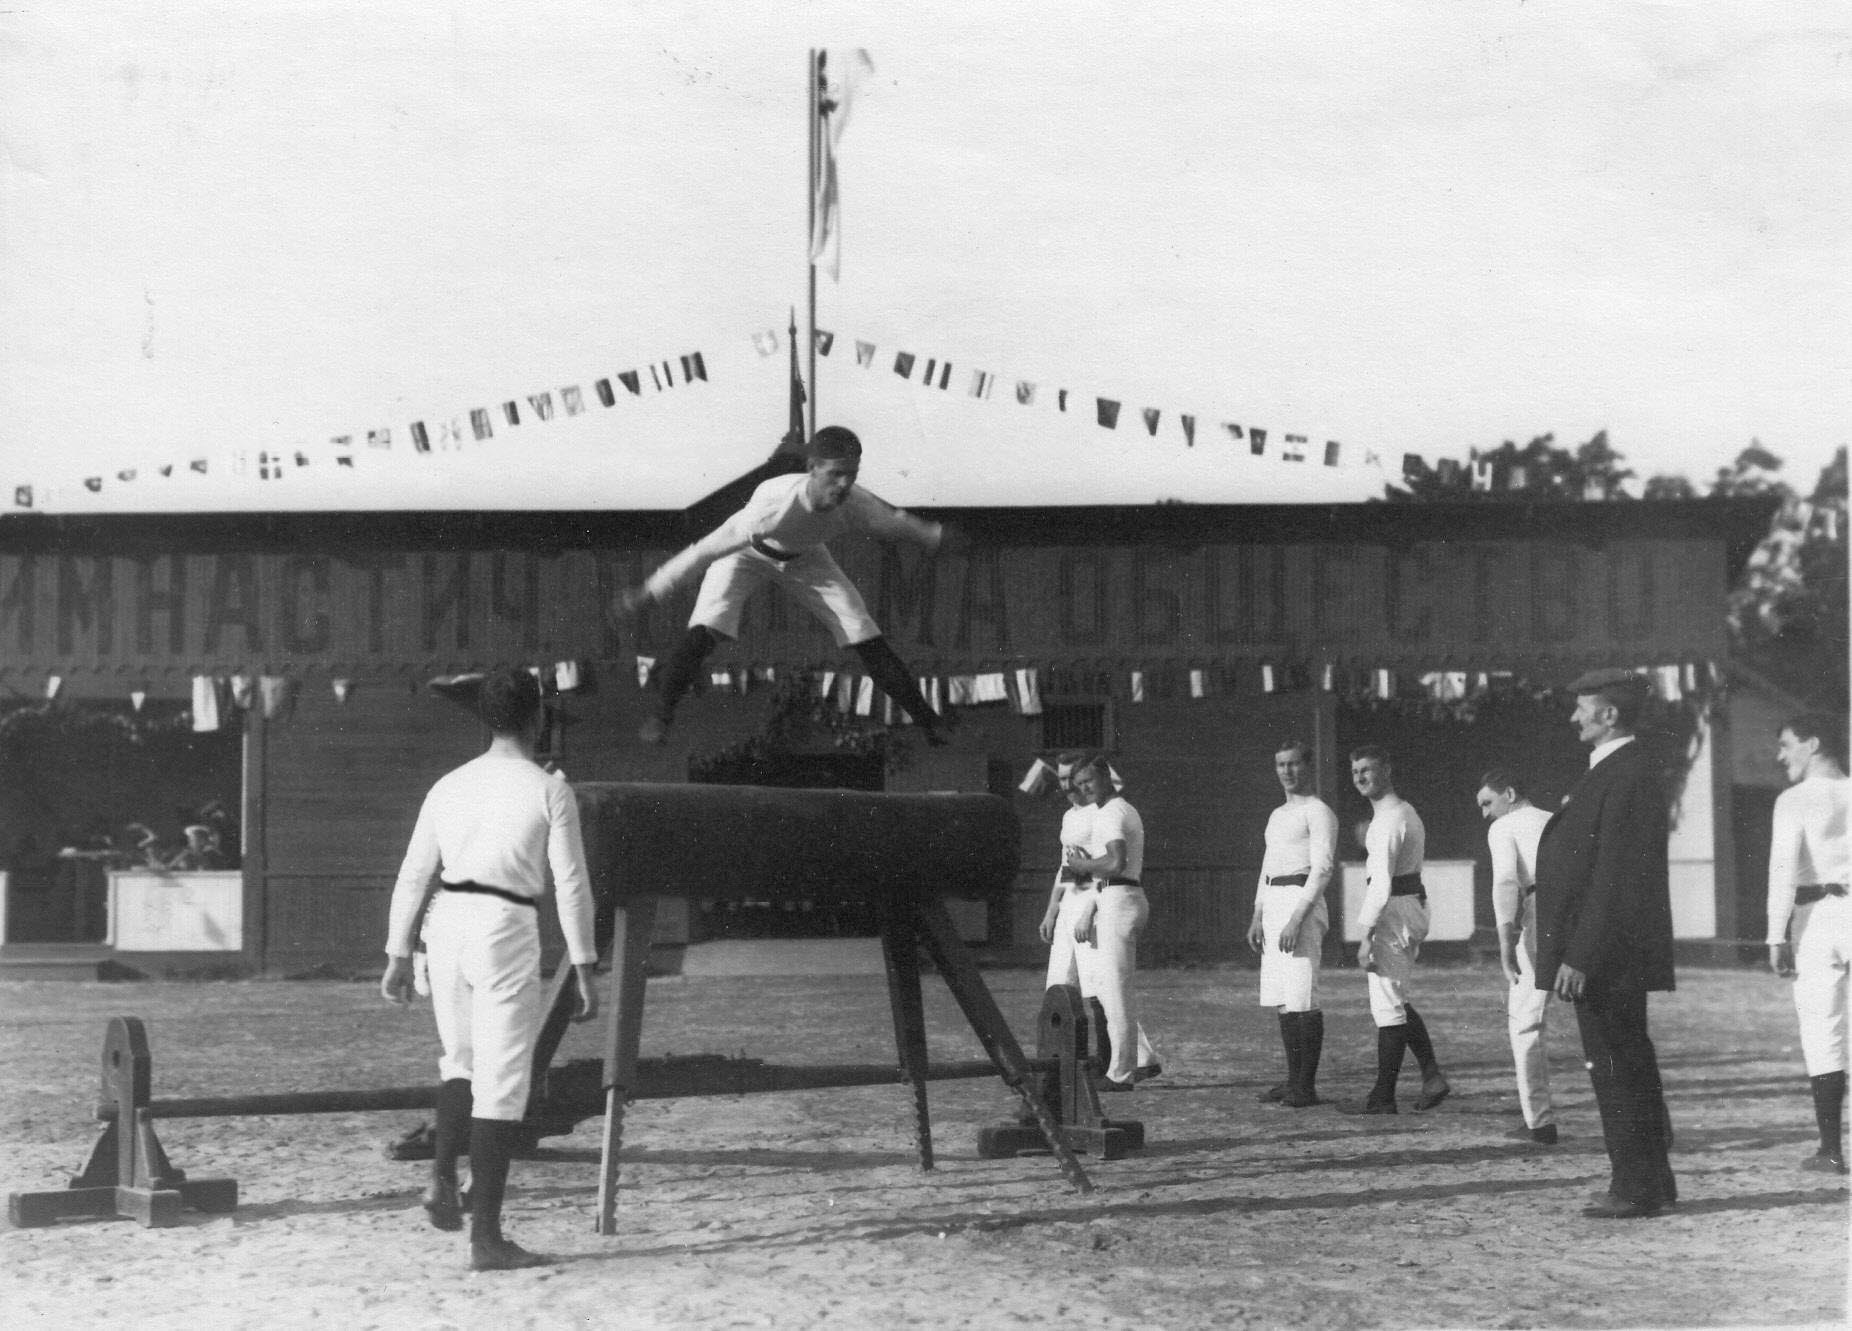 Гимнастические упражнения членов общества «Пальма» на коне